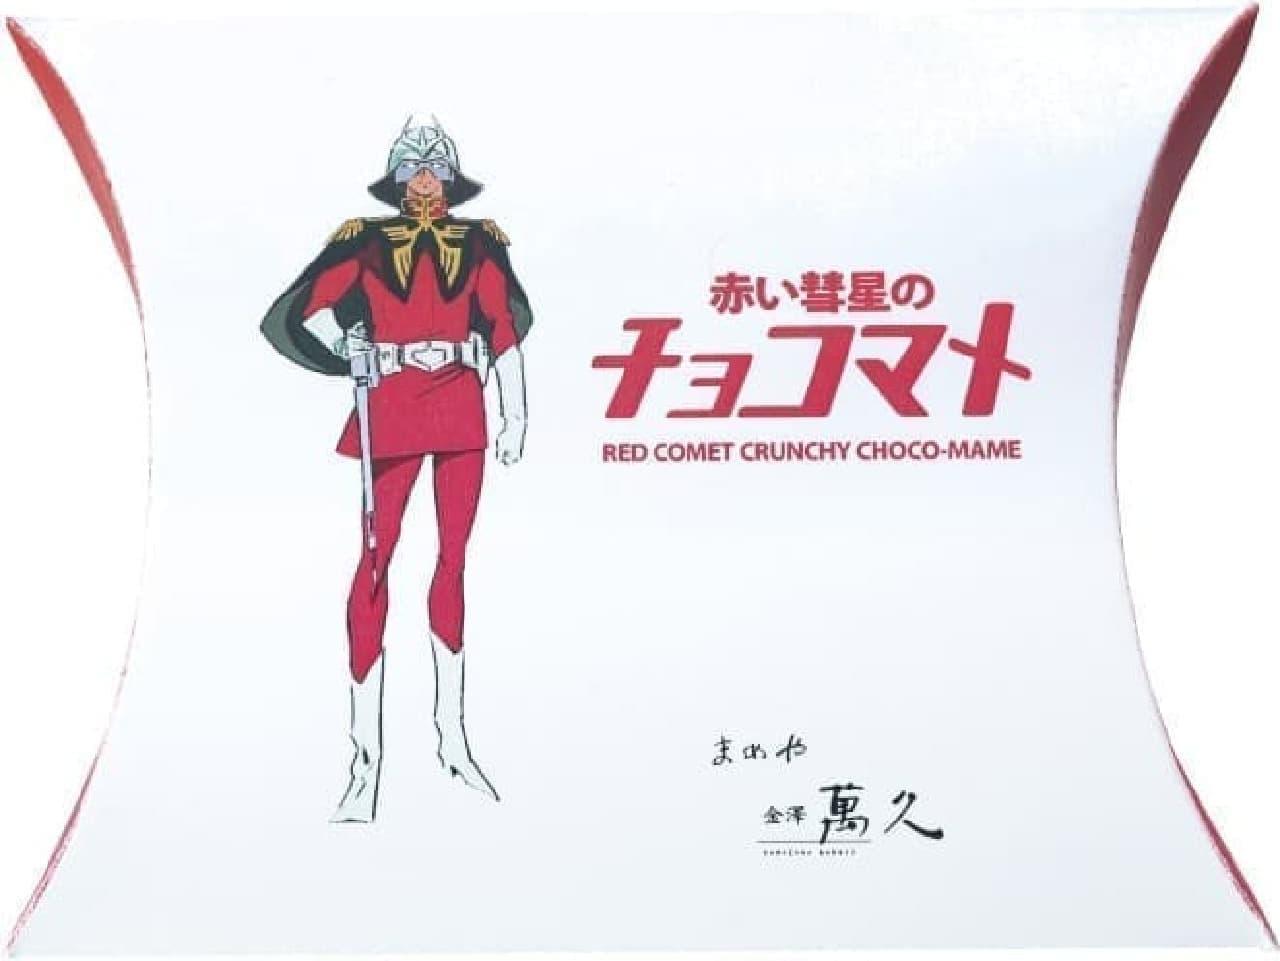 まめや 金澤萬久「赤い彗星のチョコマメ」